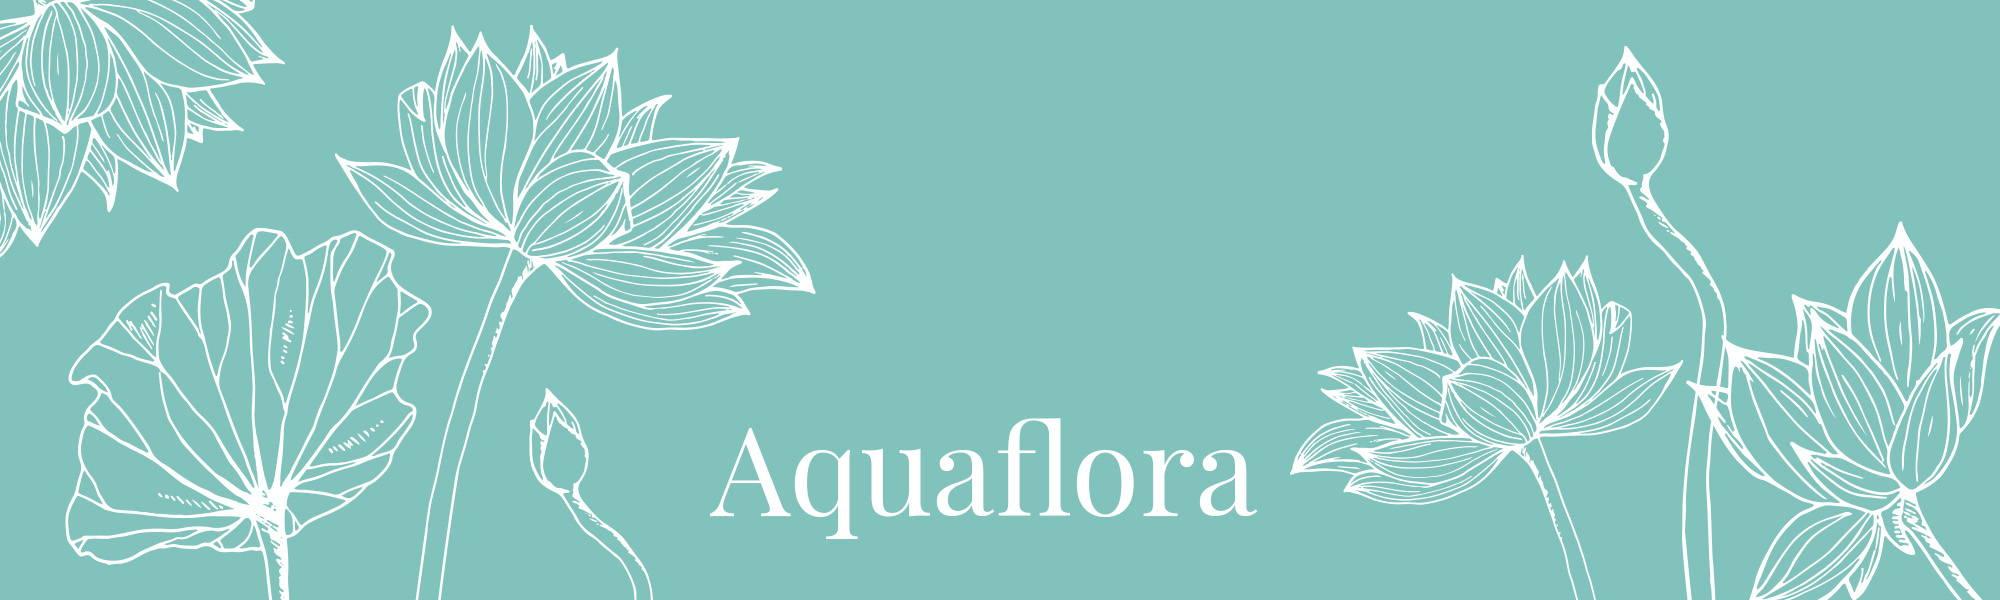 Image de la gamme Aquaflora de la collection Femme Dans un Jardin